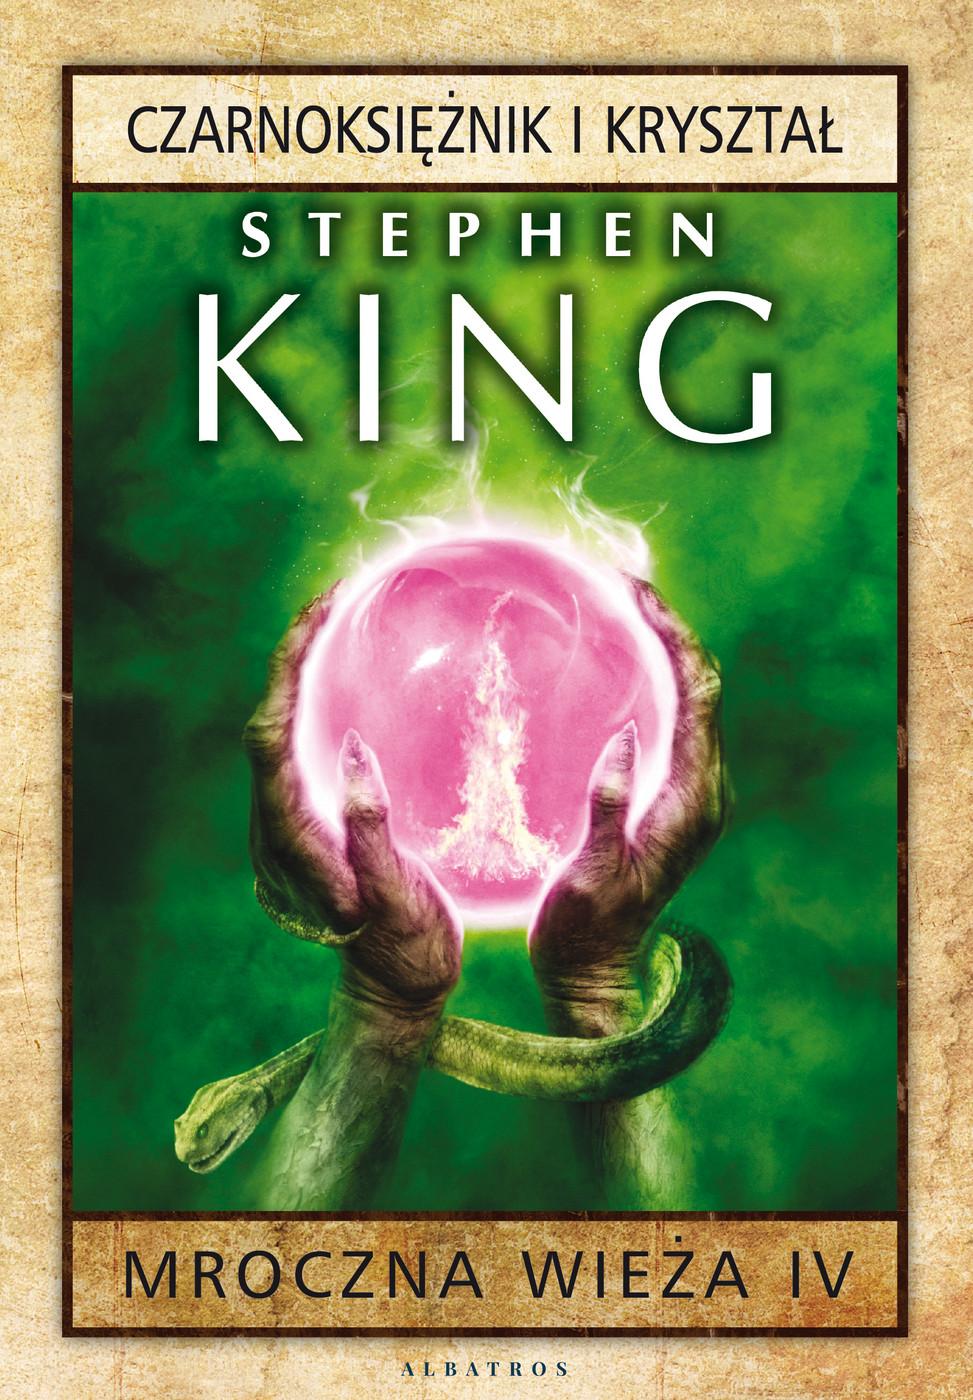 Mroczna Wieża IV: Czarnoksiężnik i kryształ ebook